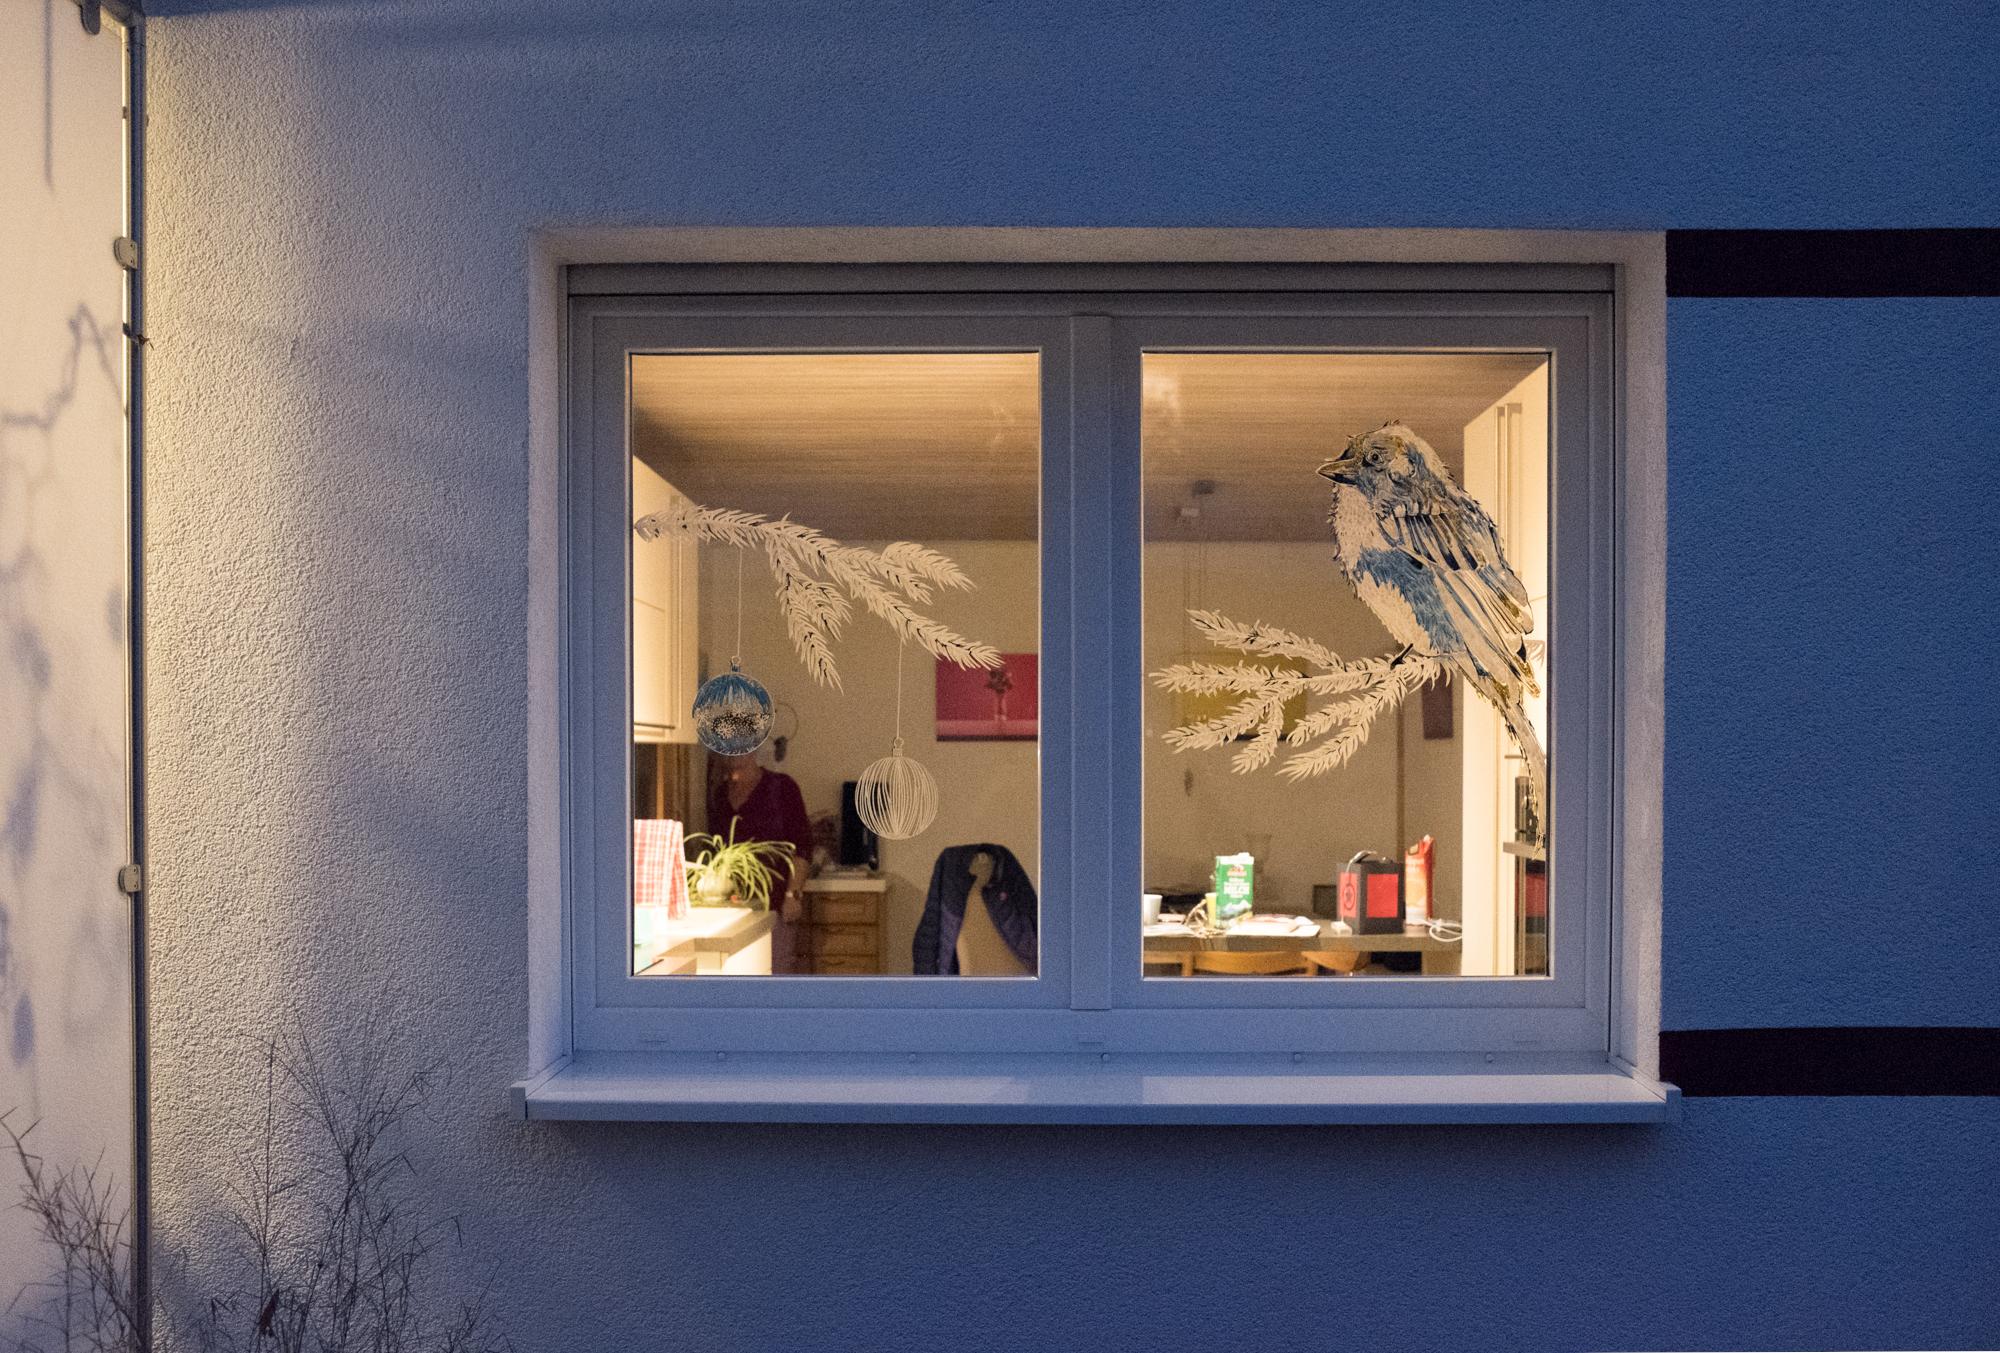 Ein mit Acrylmarkern bemaltes Fenster zeigt einen Vogel auf einem Zweig sitzend.